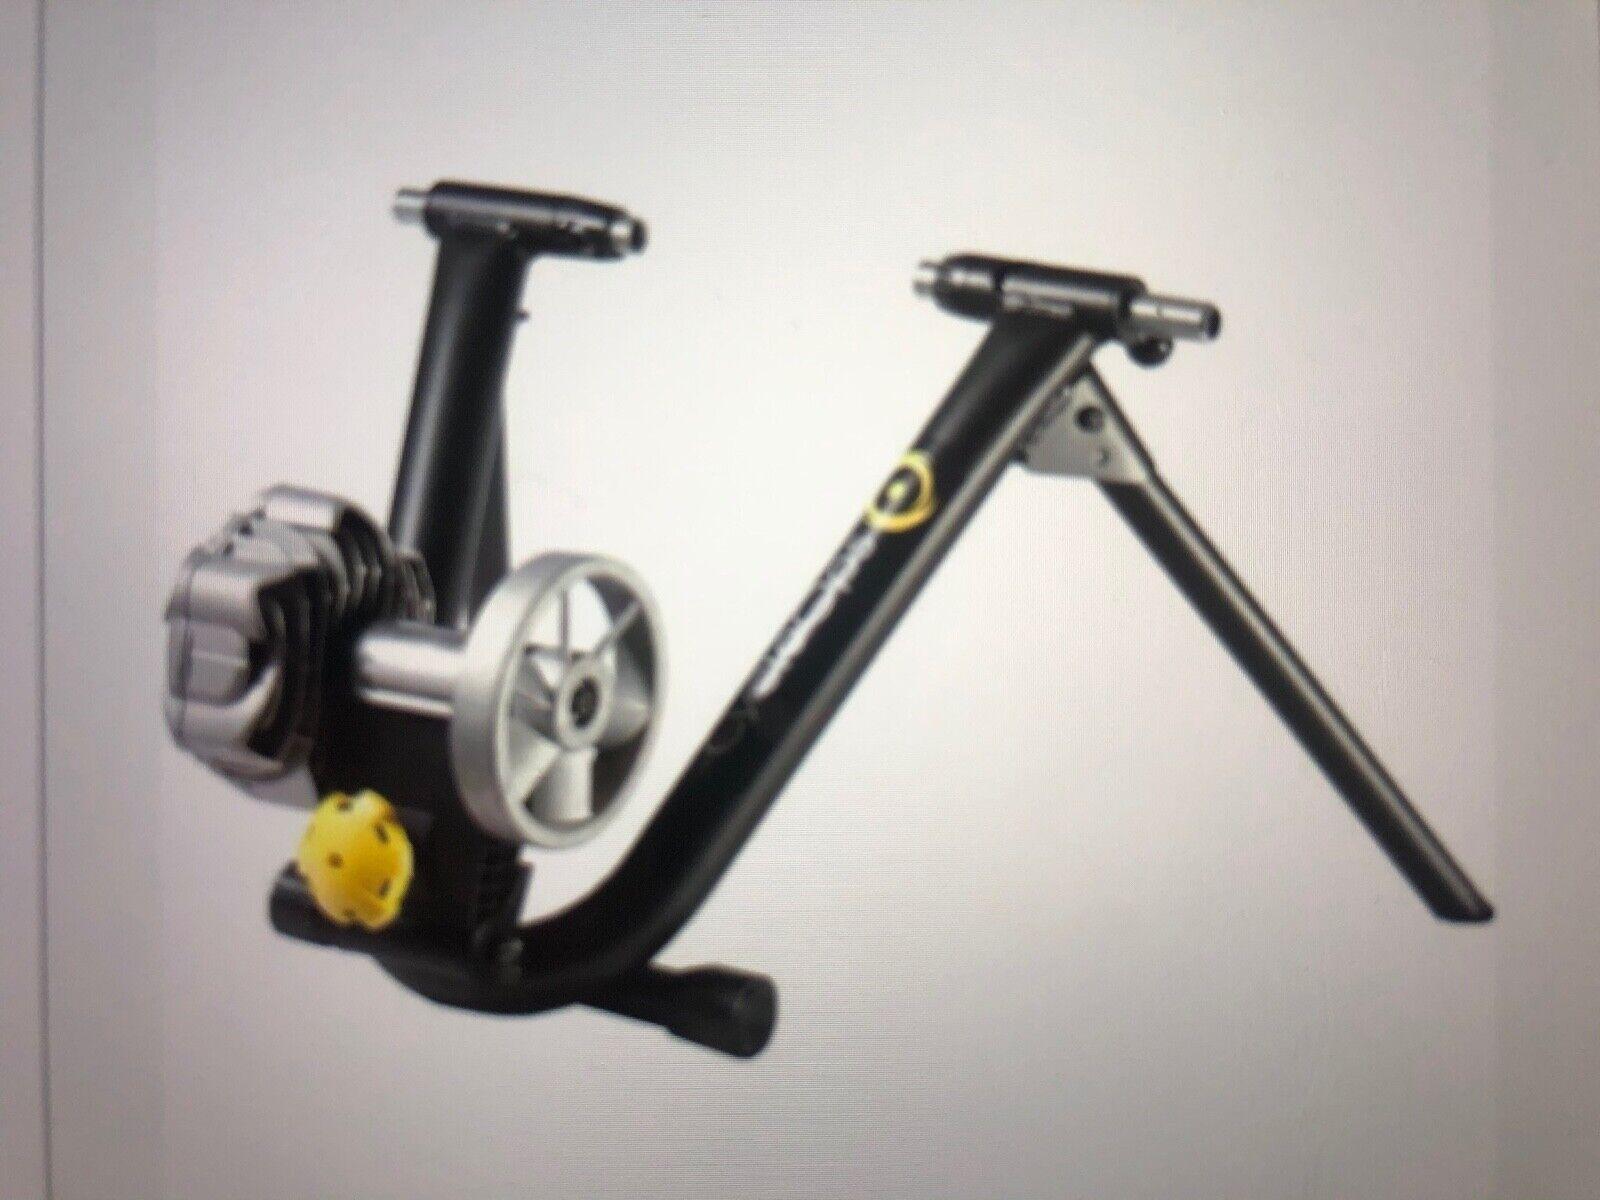 CycleOps Fluid2 Indoor Bike Trainer - New